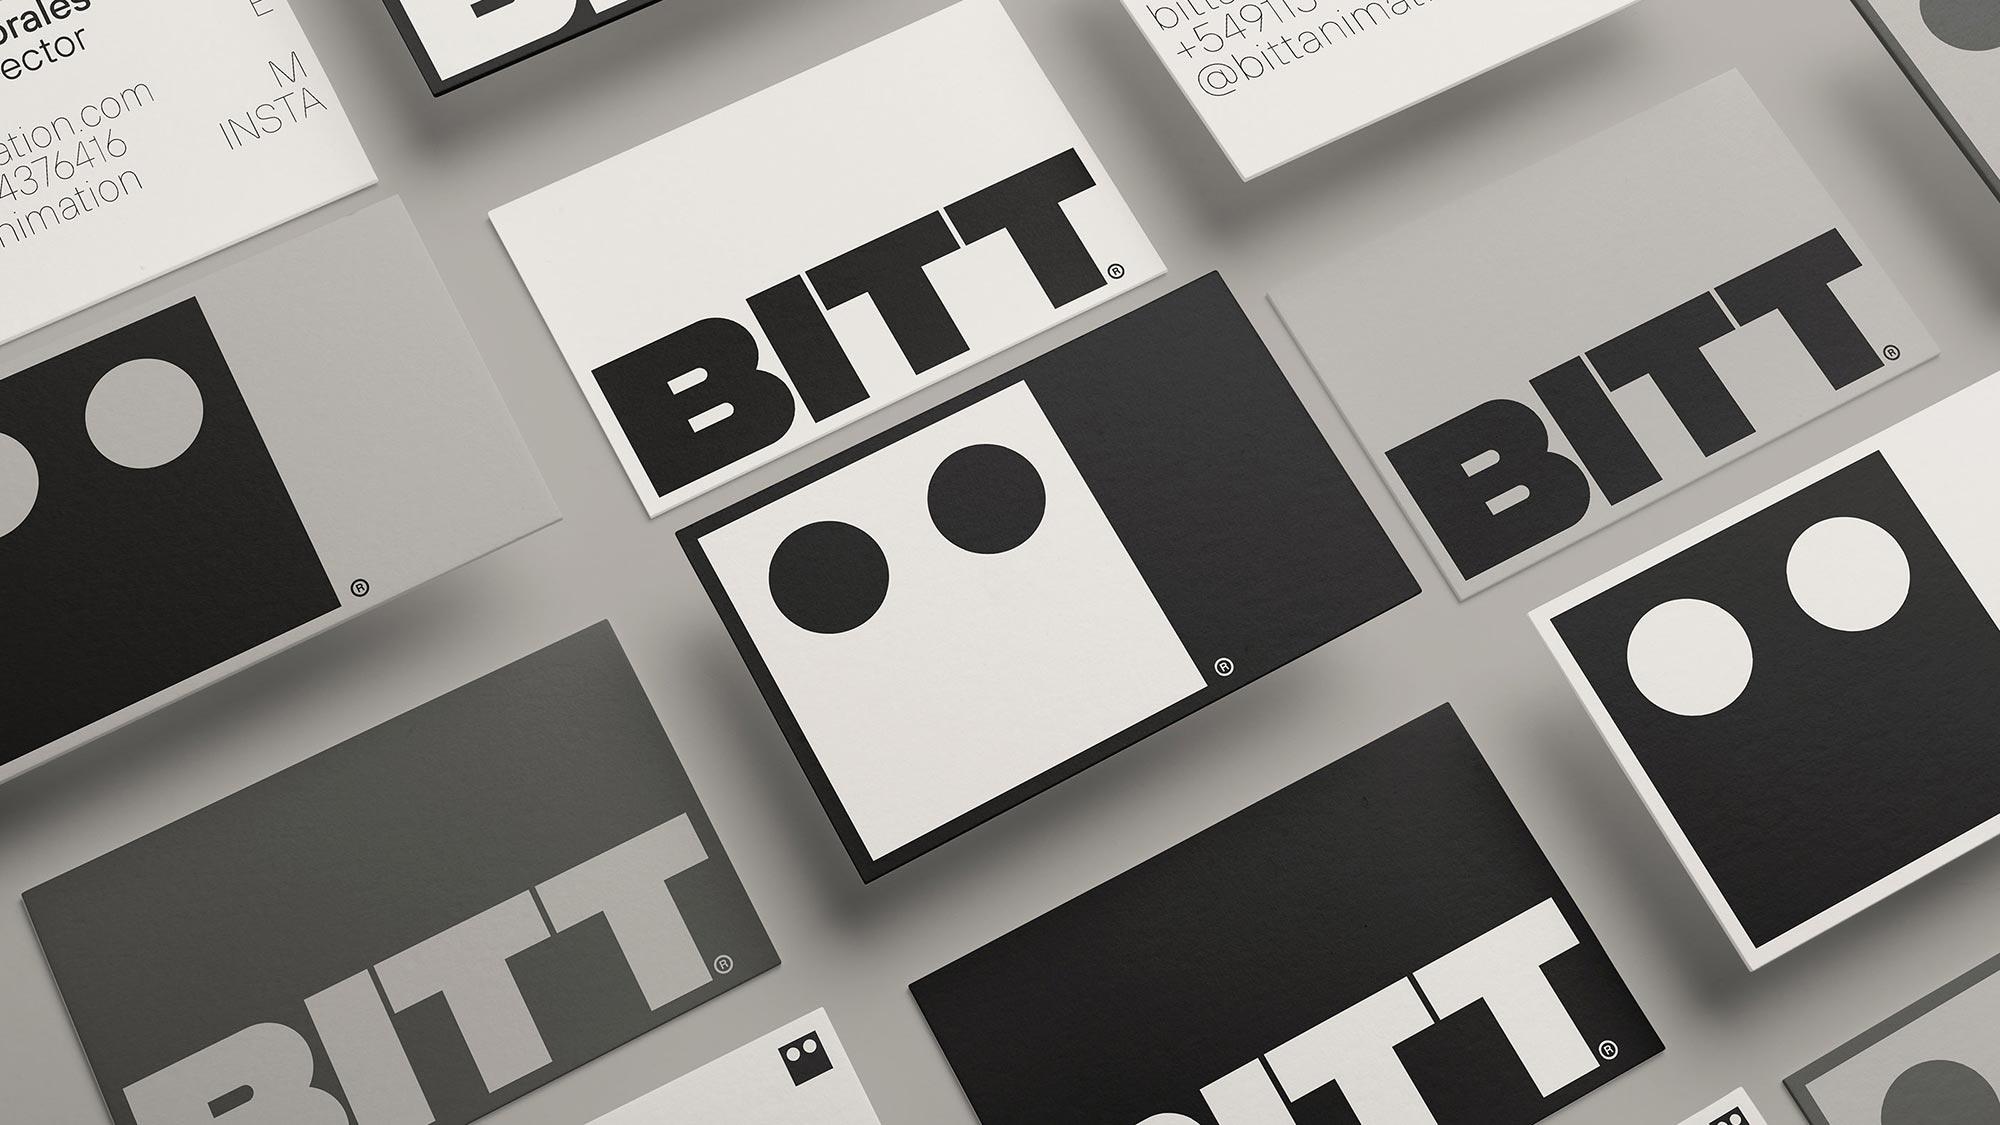 BITT_09